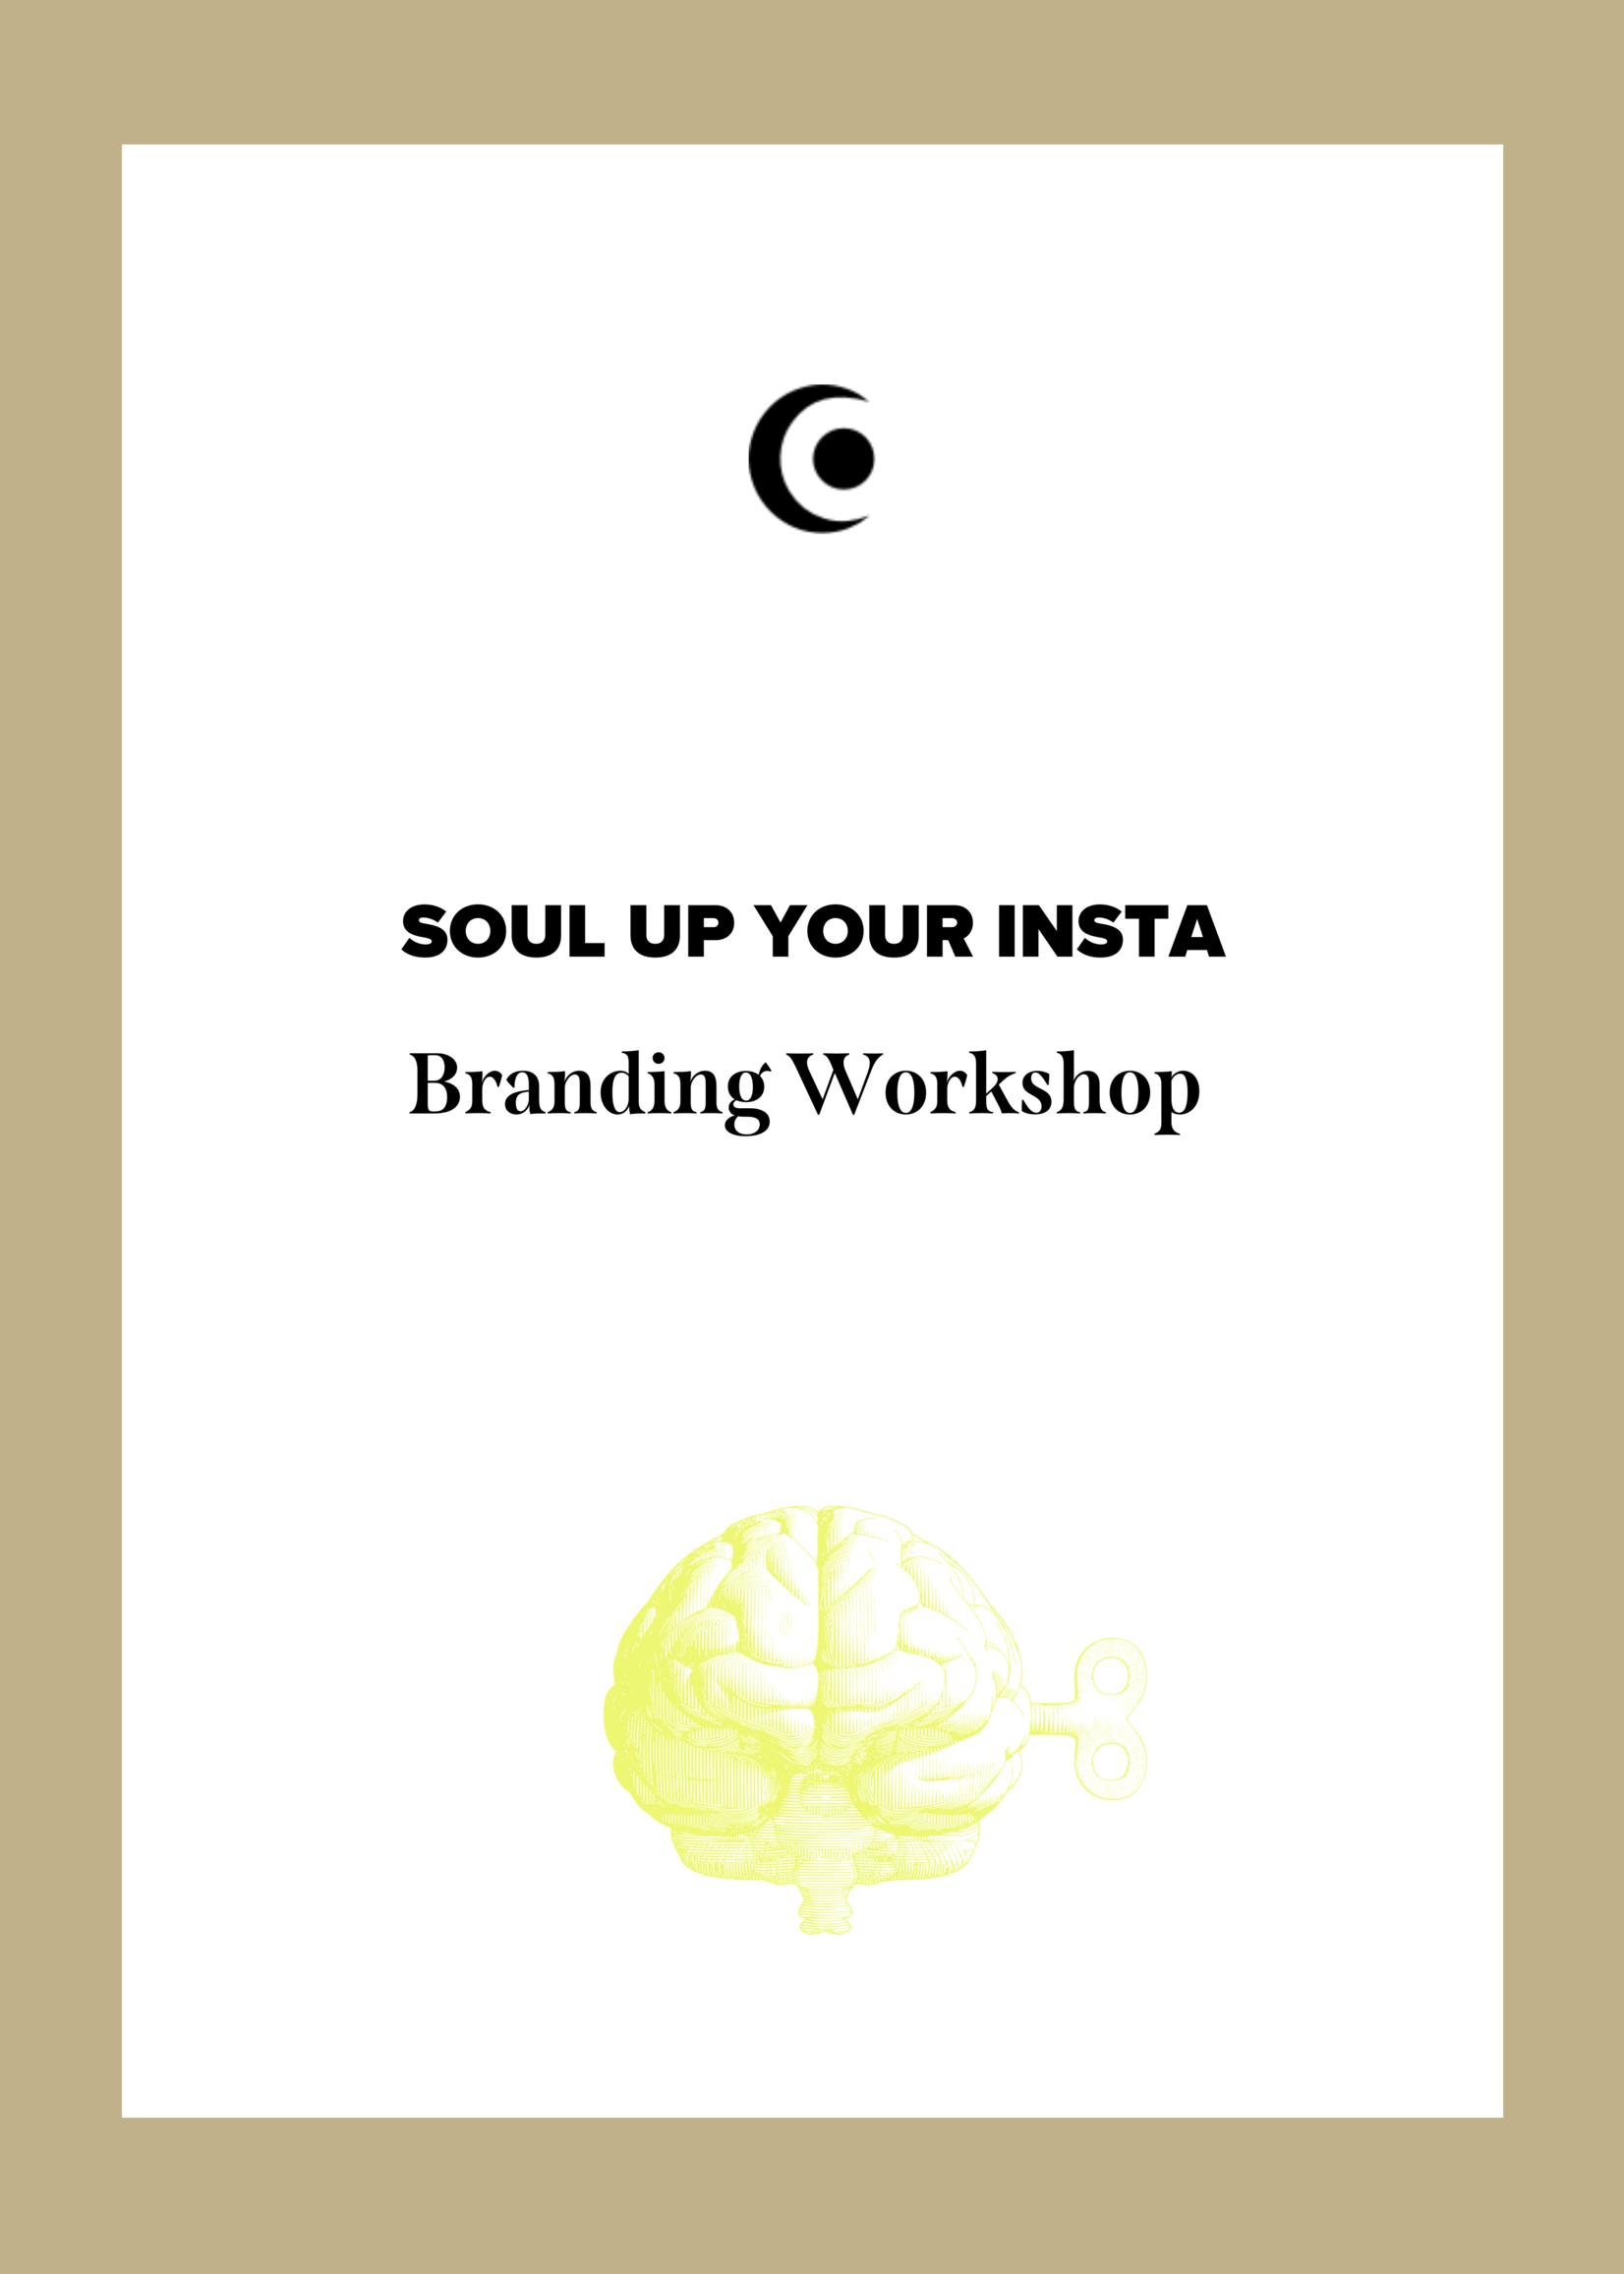 SOUL UP YOUR INSTA  Workshop